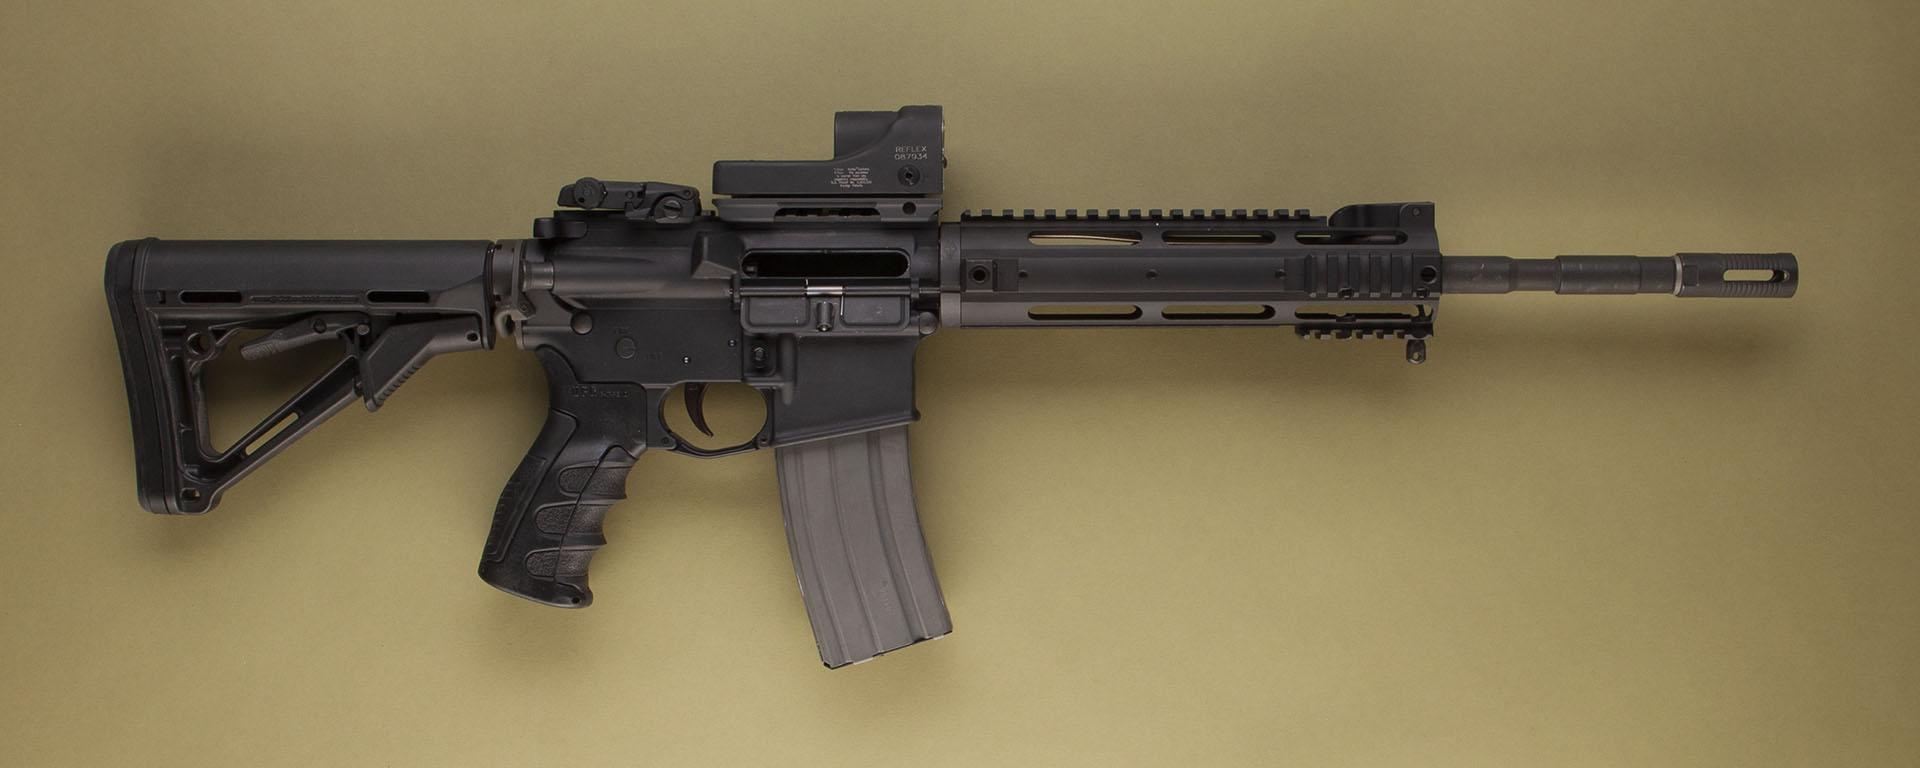 AR-15 (Bushmaster M4)